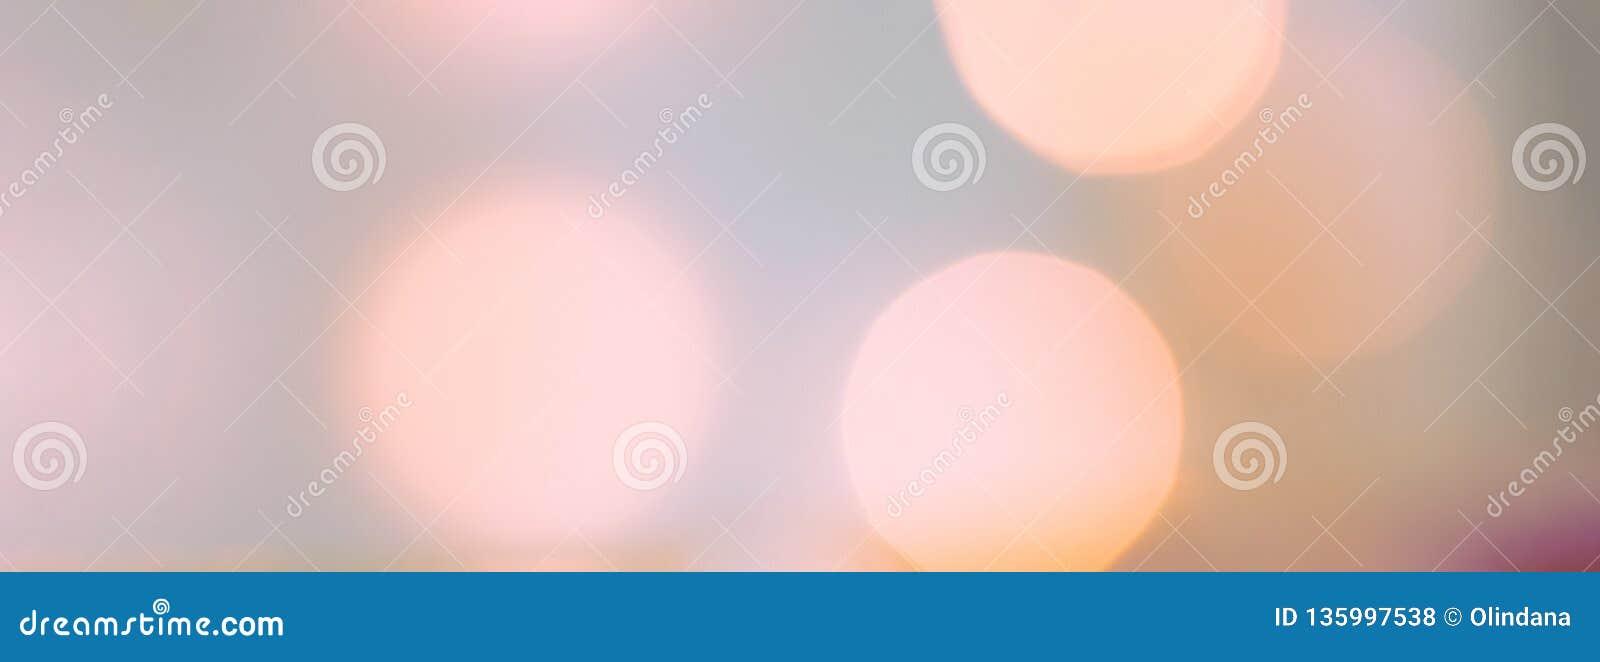 Schöner eleganter Pastellmehrfarbenfarbfeiertagshintergrund für Weihnachtsneues Jahr-Geburtstags-Valentinsgrußfeier